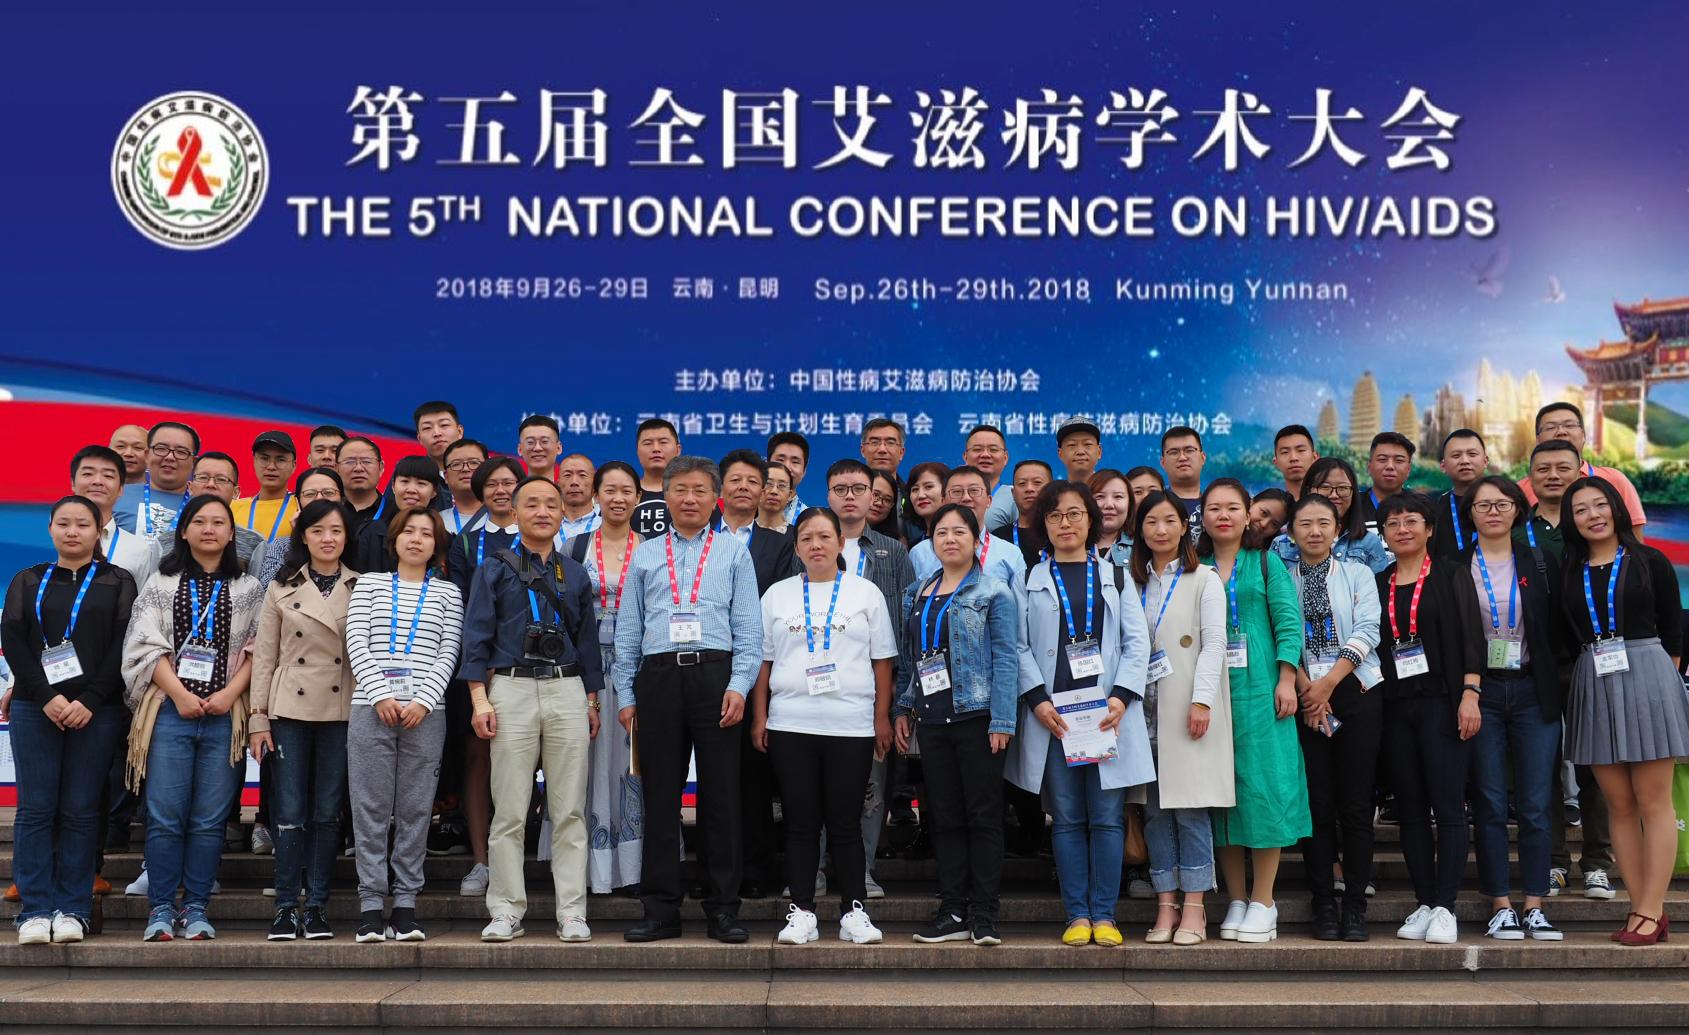 艾防基金加强能力建设,组织社会组织骨干参加全国艾滋病学术大会